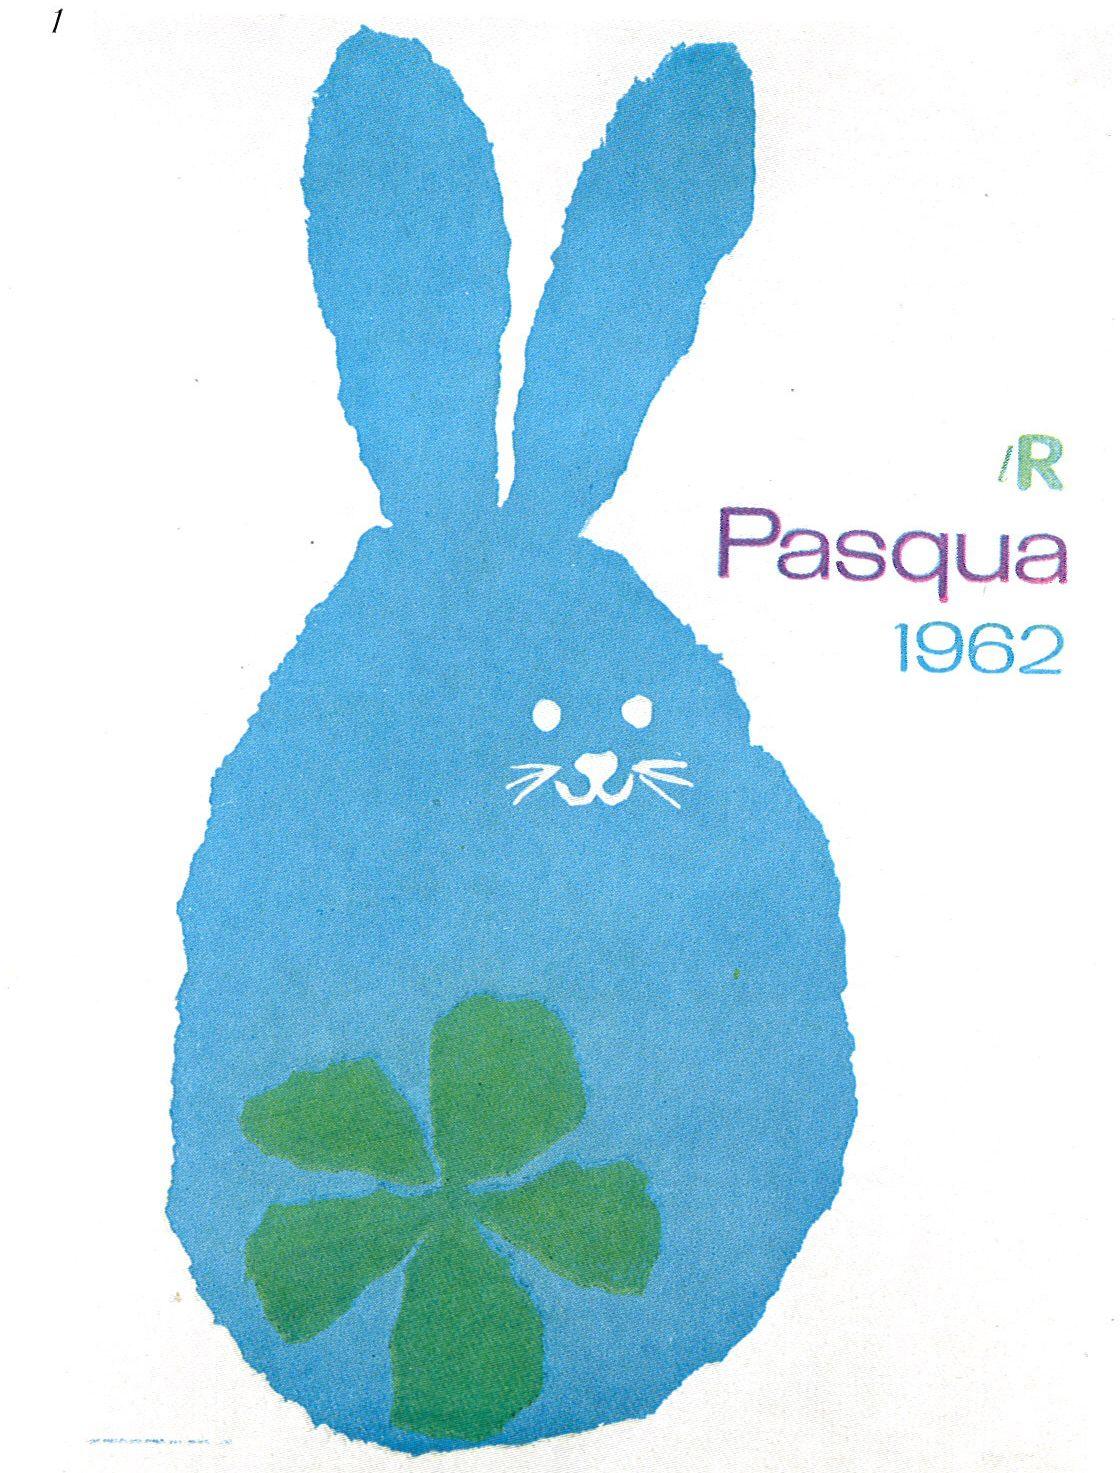 La Rinascente - Poster 1962